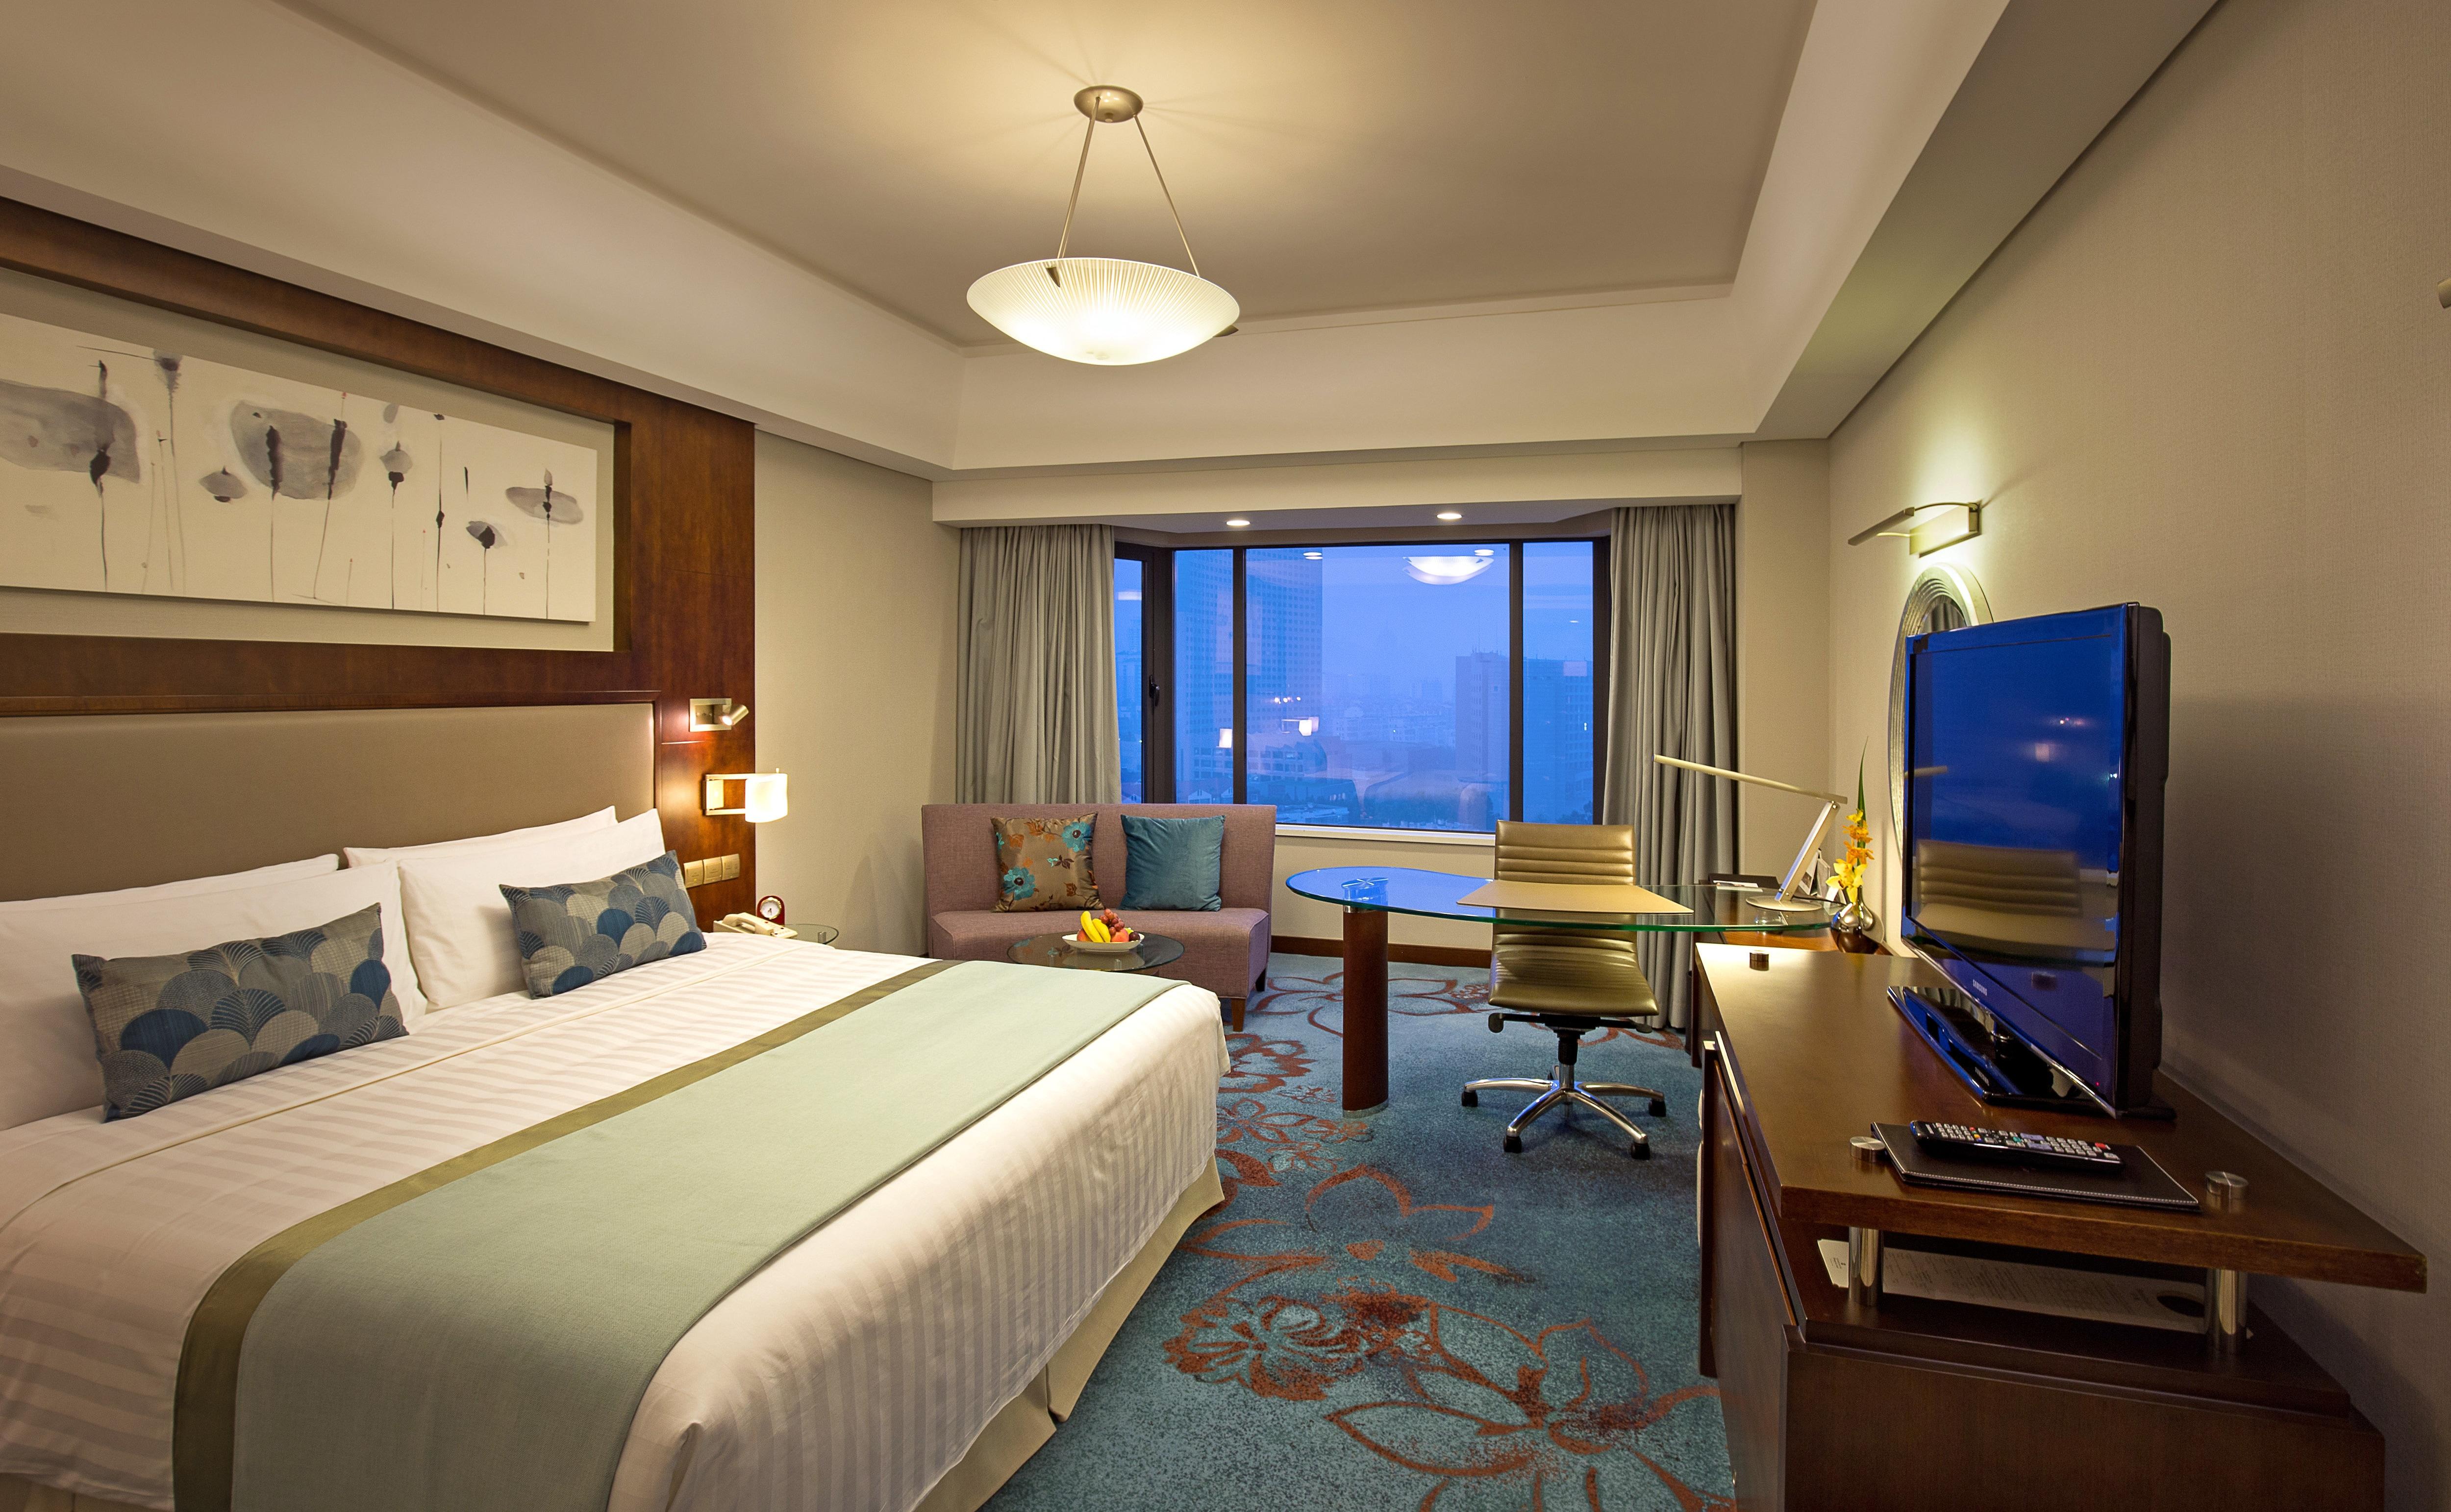 青岛香格里拉大酒店-青香阁豪华客房[无早](大床)